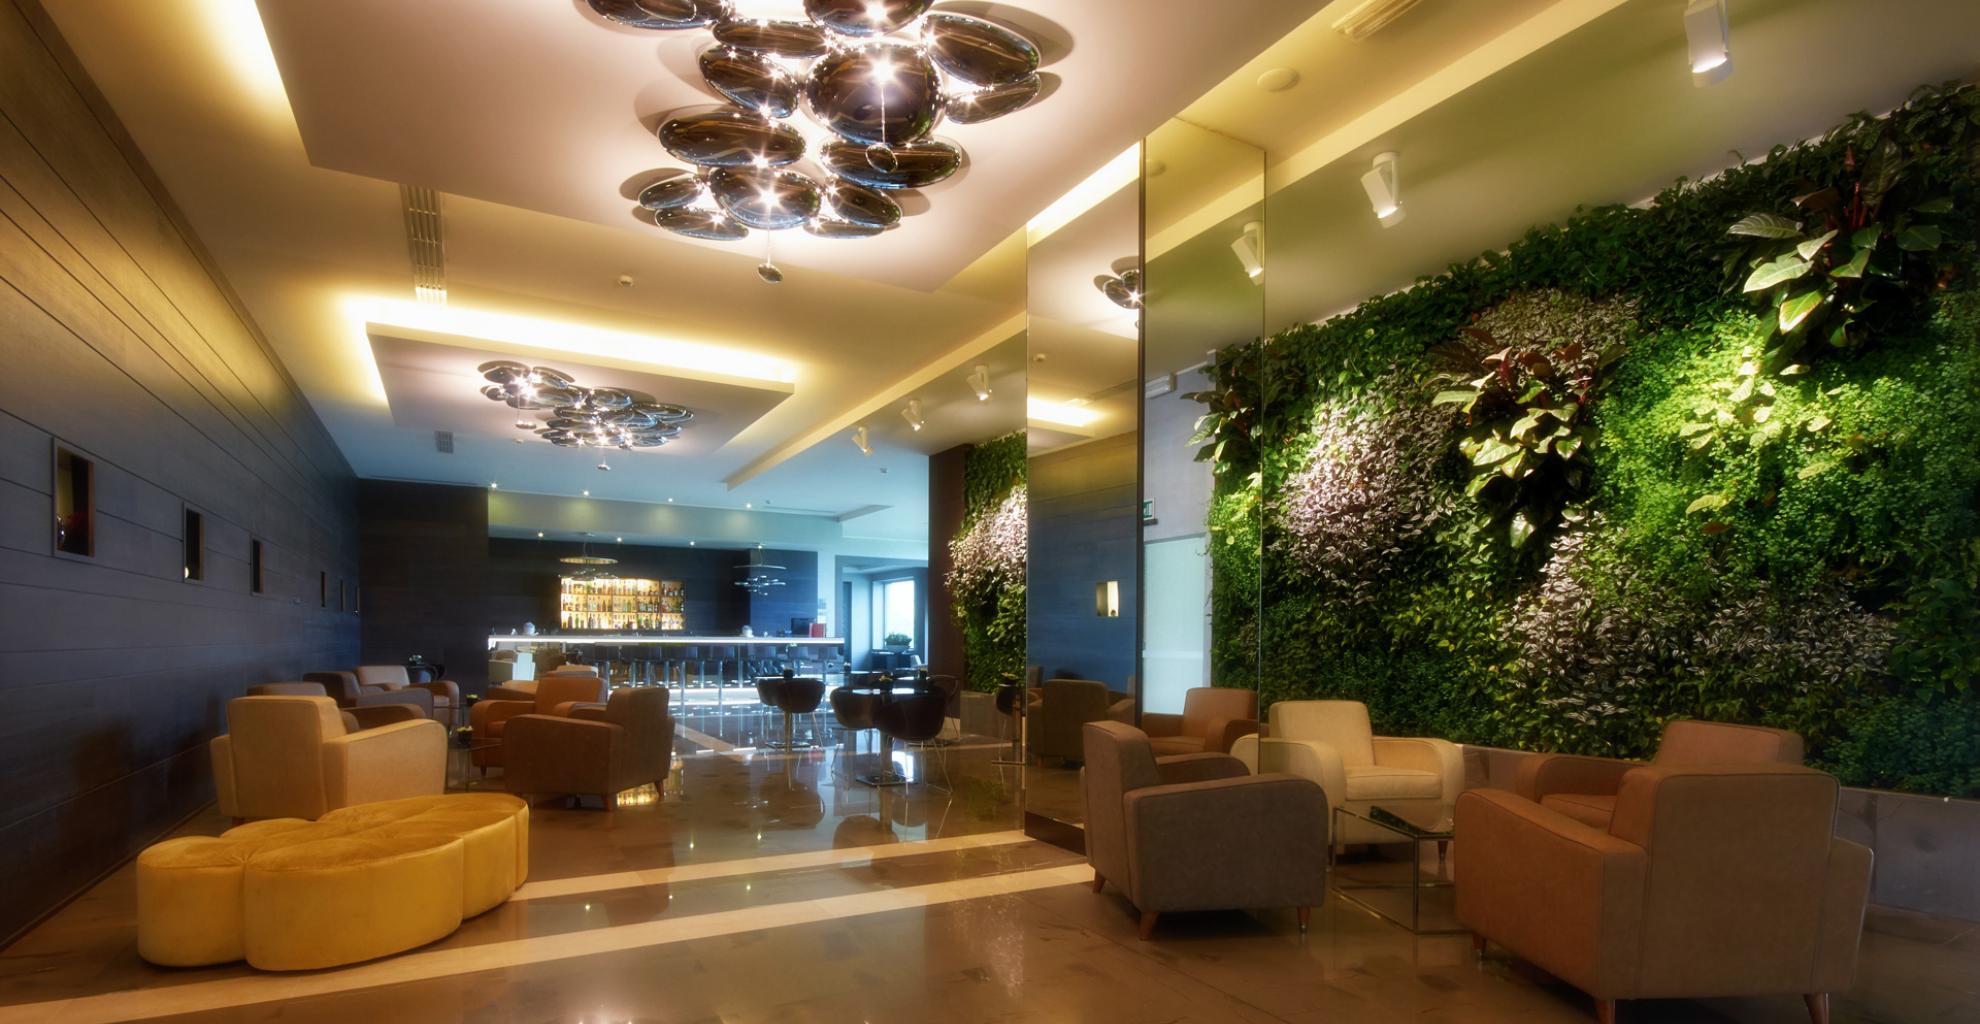 Klima Hotel Fiere - Visconteo - YouParti Private Event